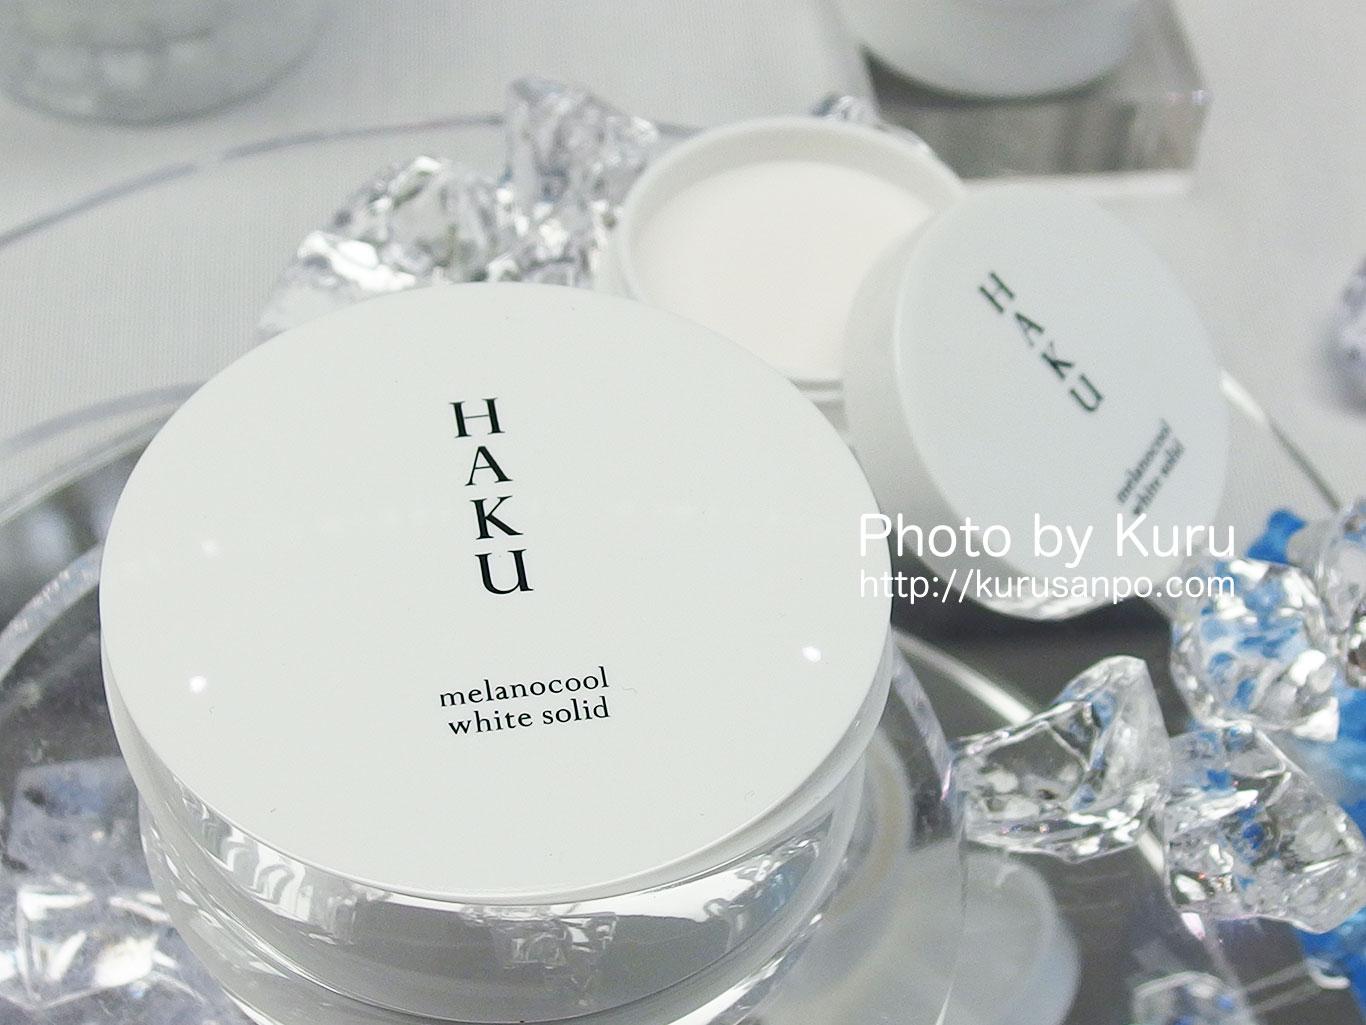 資生堂(しせいどう)[ワタシプラス]・HAKU(はく)『メラノクール ホワイトソリッド』